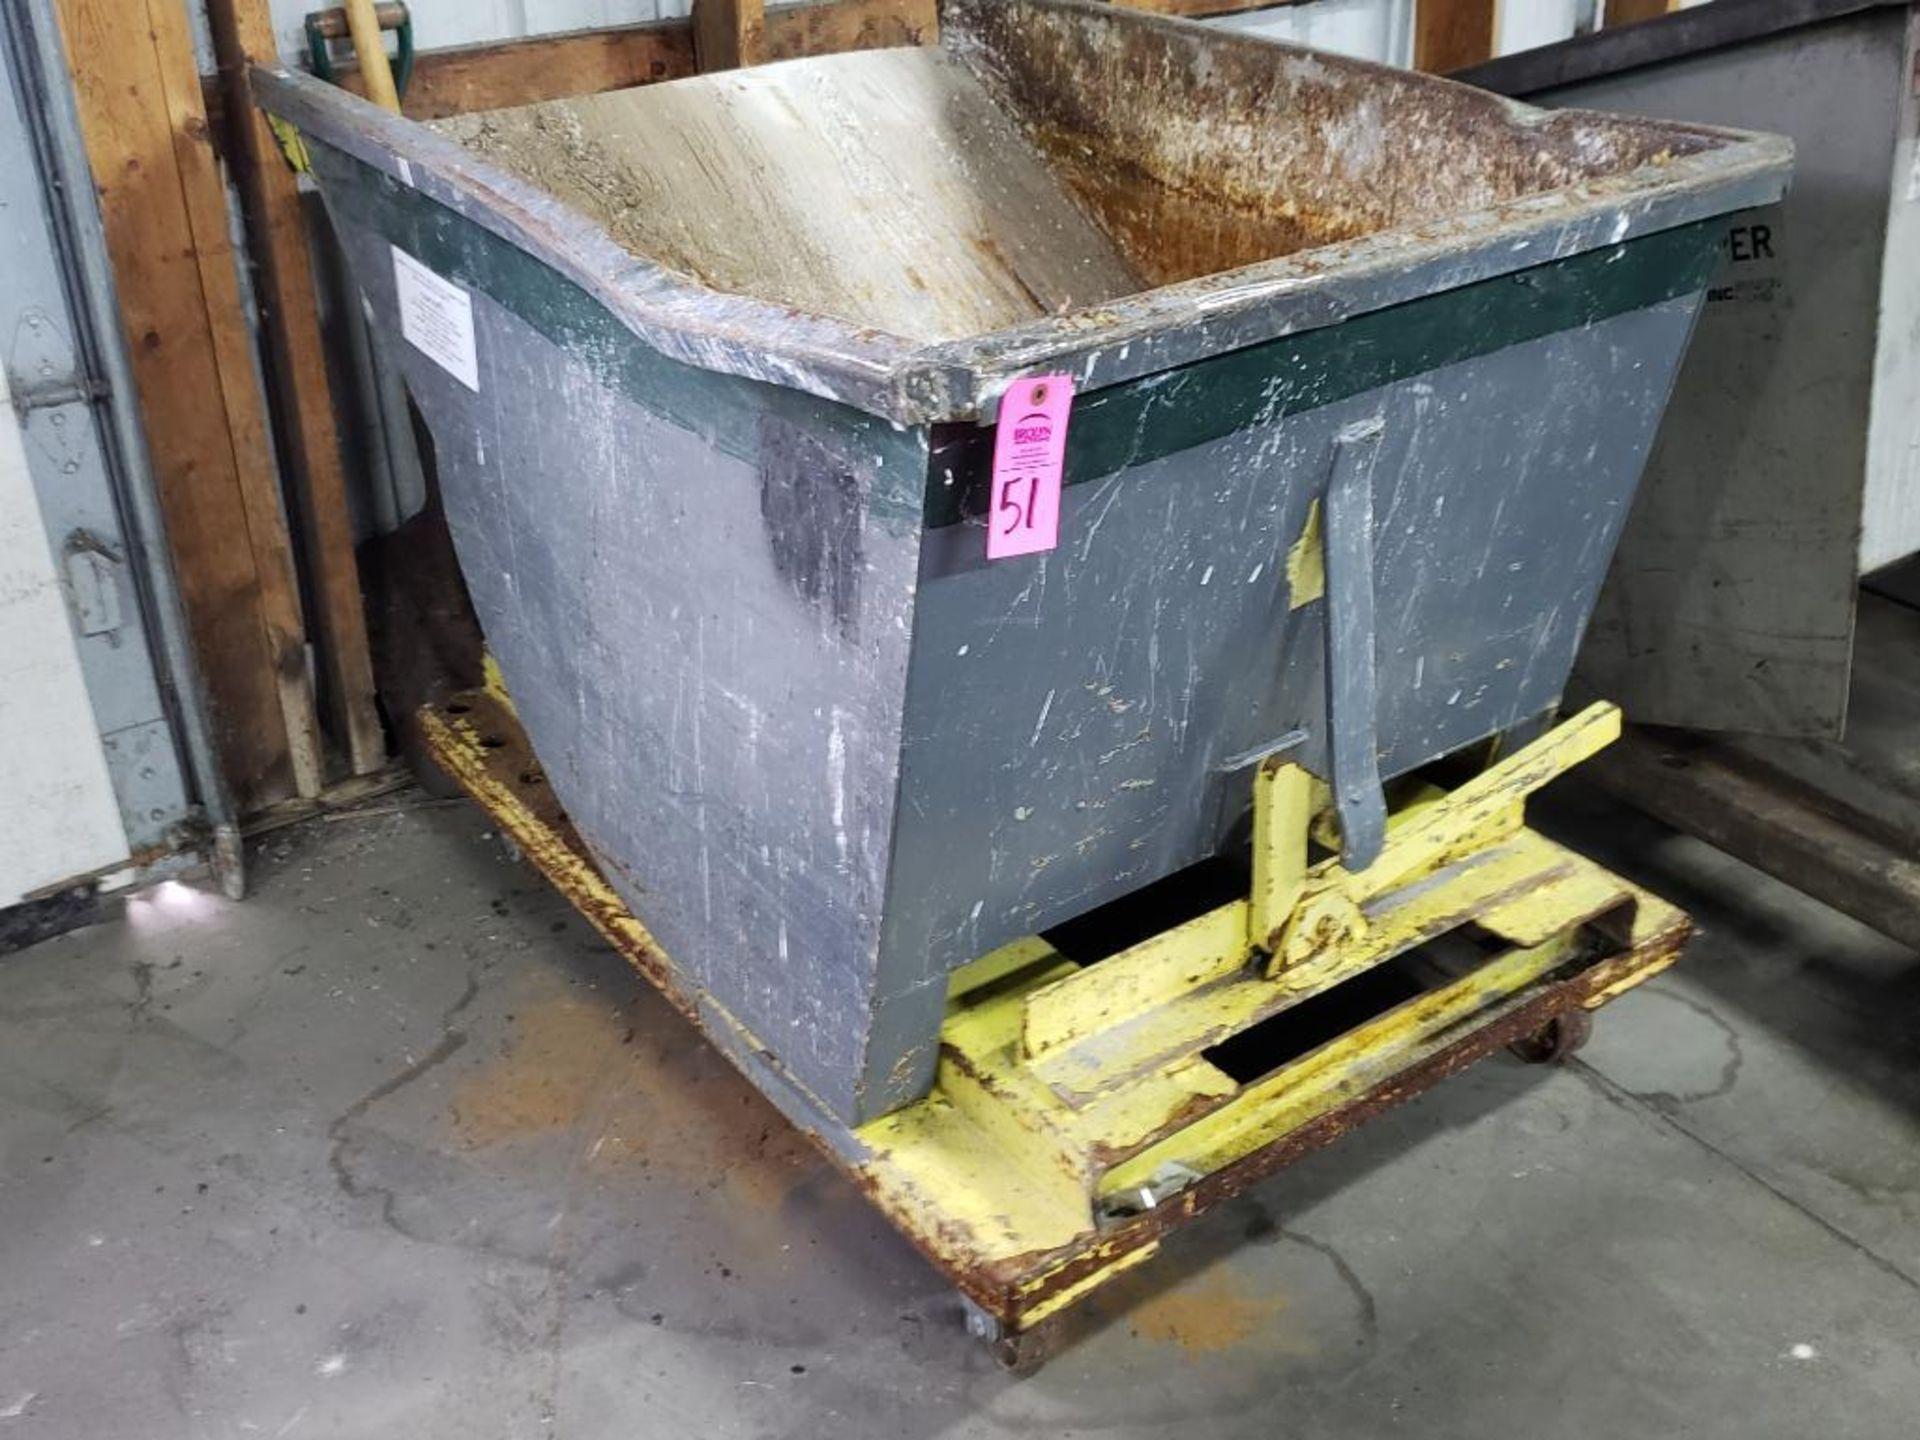 Lot 51 - Self dumping hopper on casters.